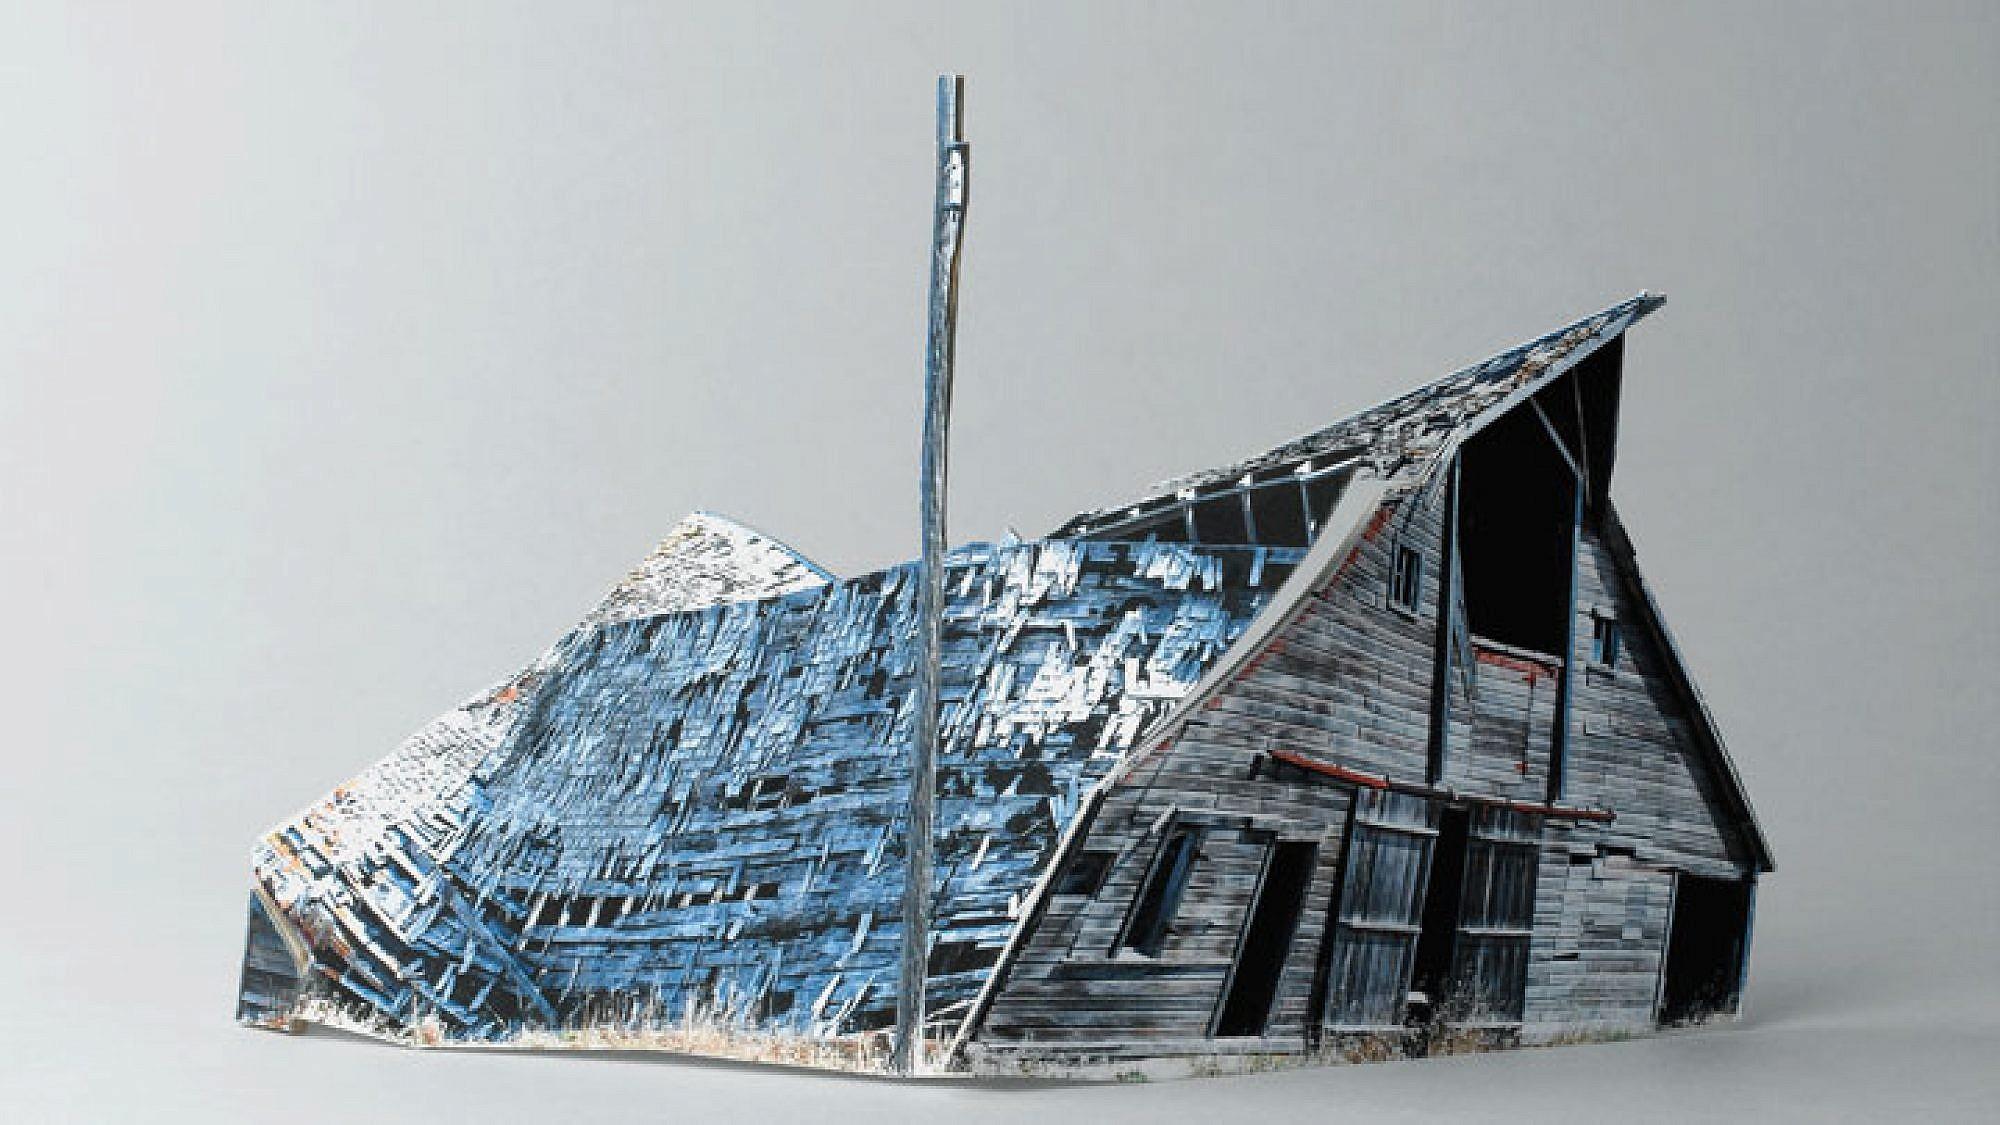 """עופרה לפיד מתוך הסדרה """"בתים שבורים"""", 2011־2010, הזרקת דיו על נייר ארכיוני, 30 36xס""""מ"""